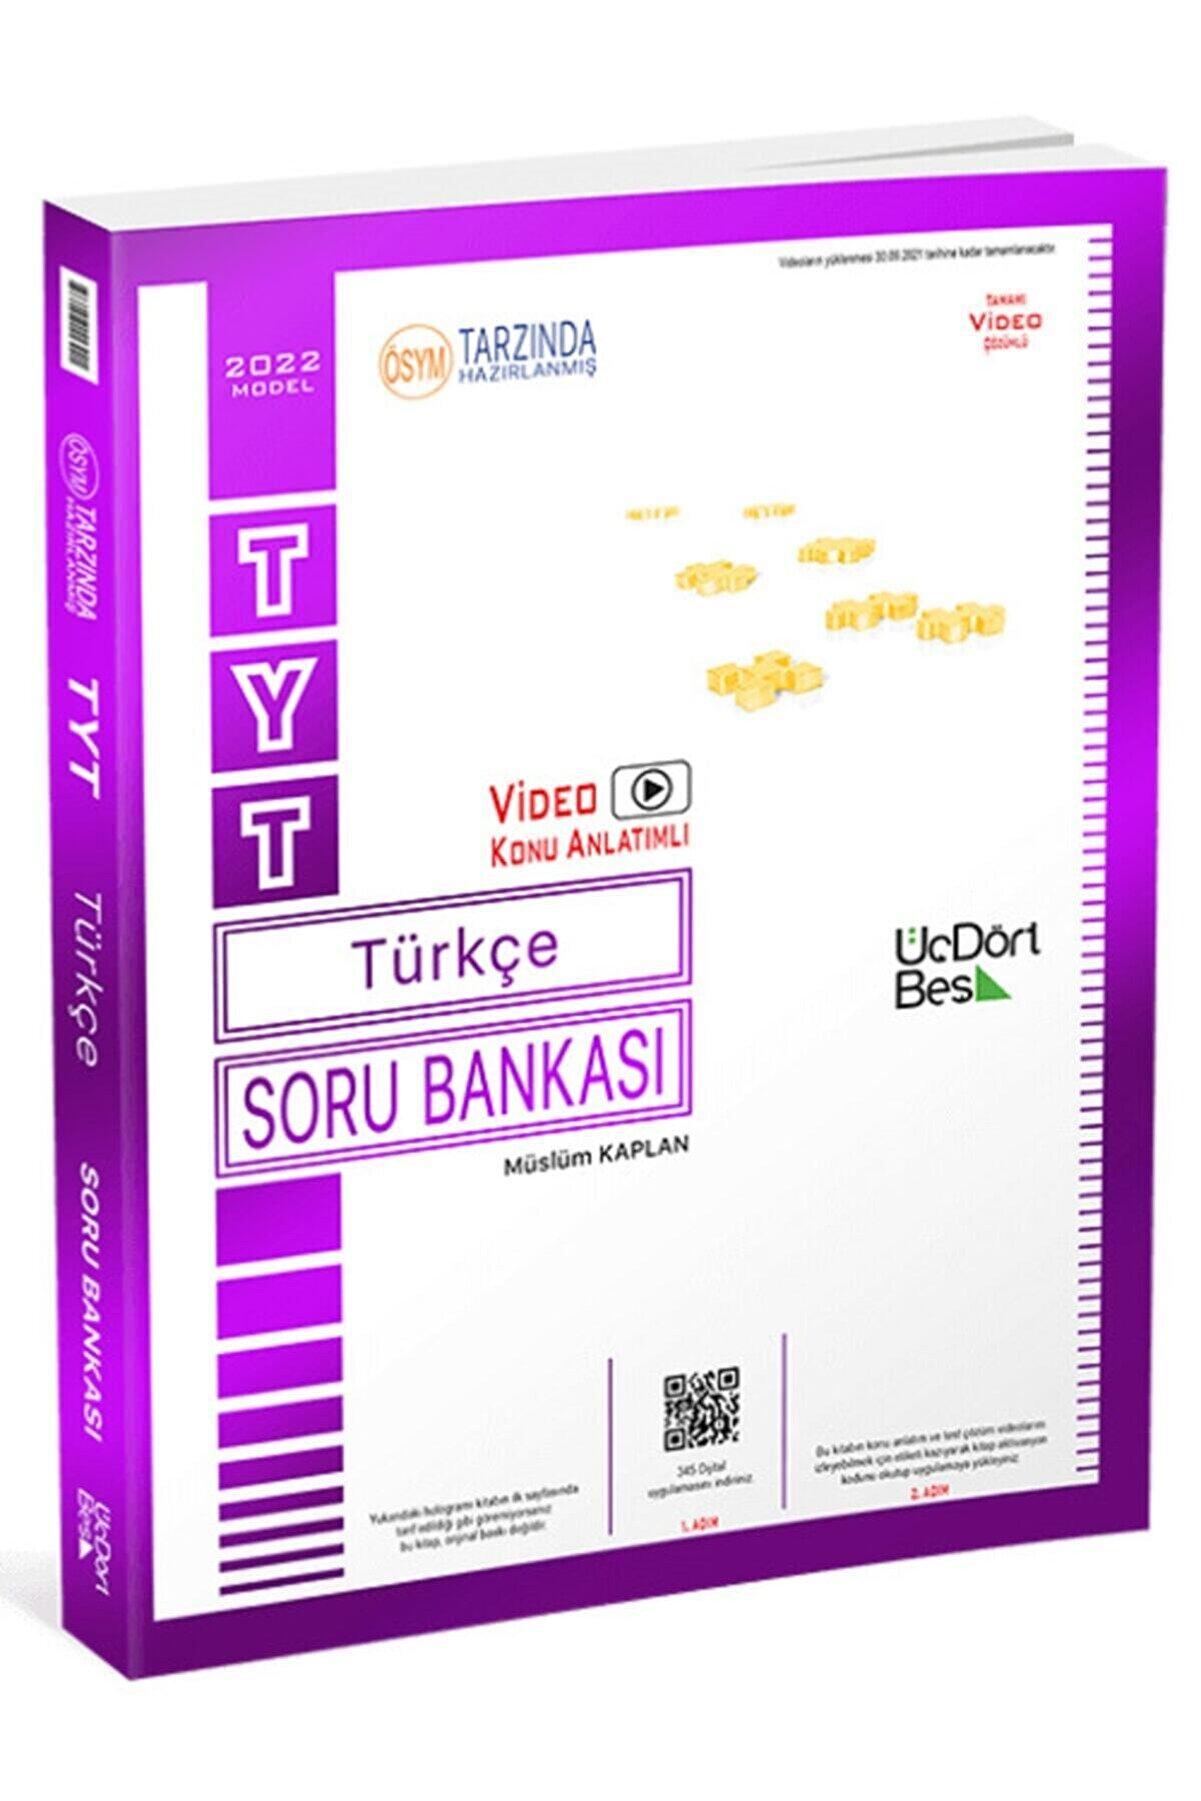 Üç Dört Beş Yayıncılık 2022 Tyt Türkçe Soru Bankası Model Üç Dört Beş Yayınları